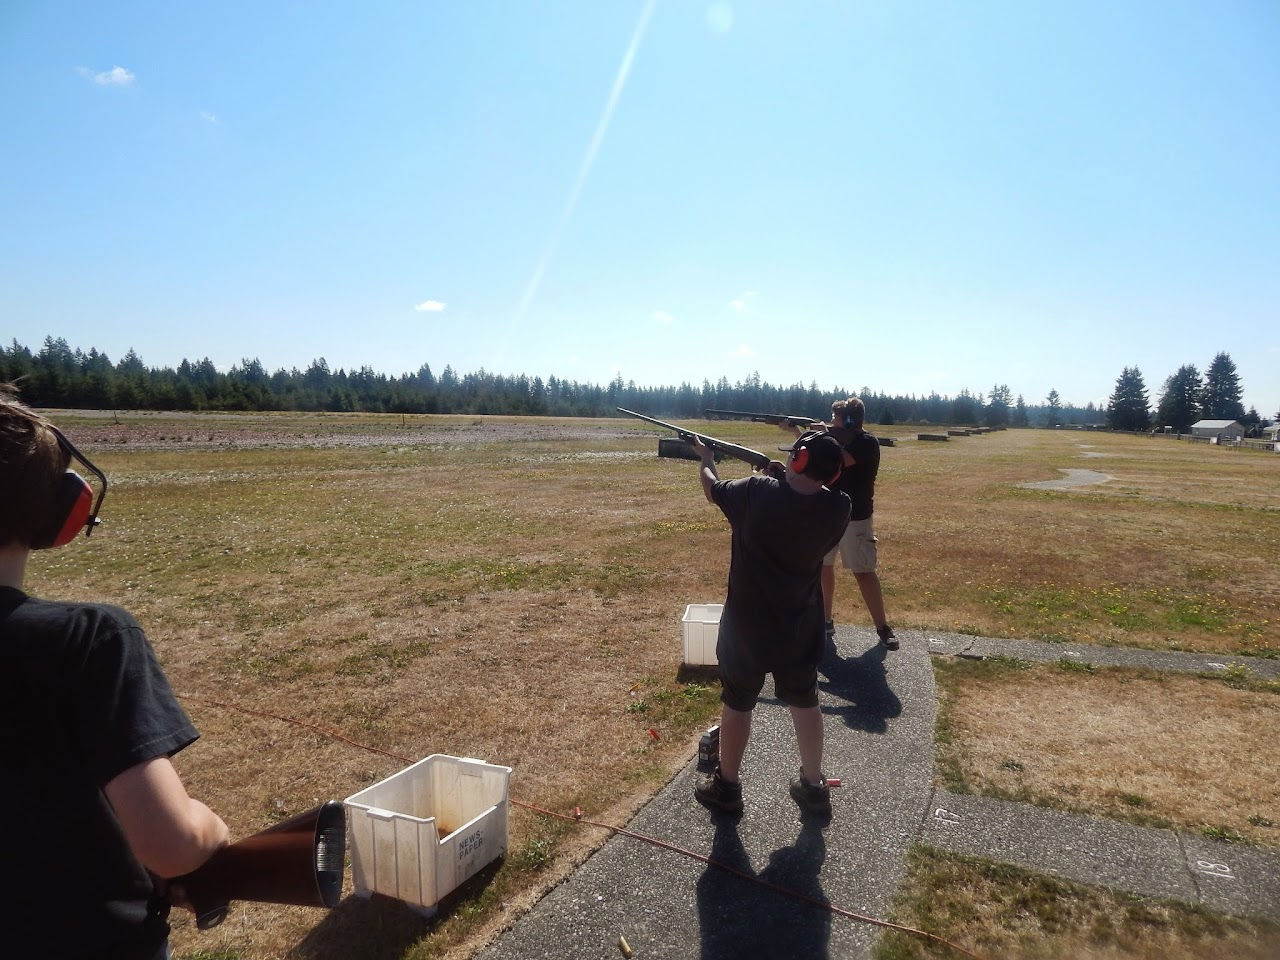 Shooting Sports Aug 2014 - DSCN1893.JPG